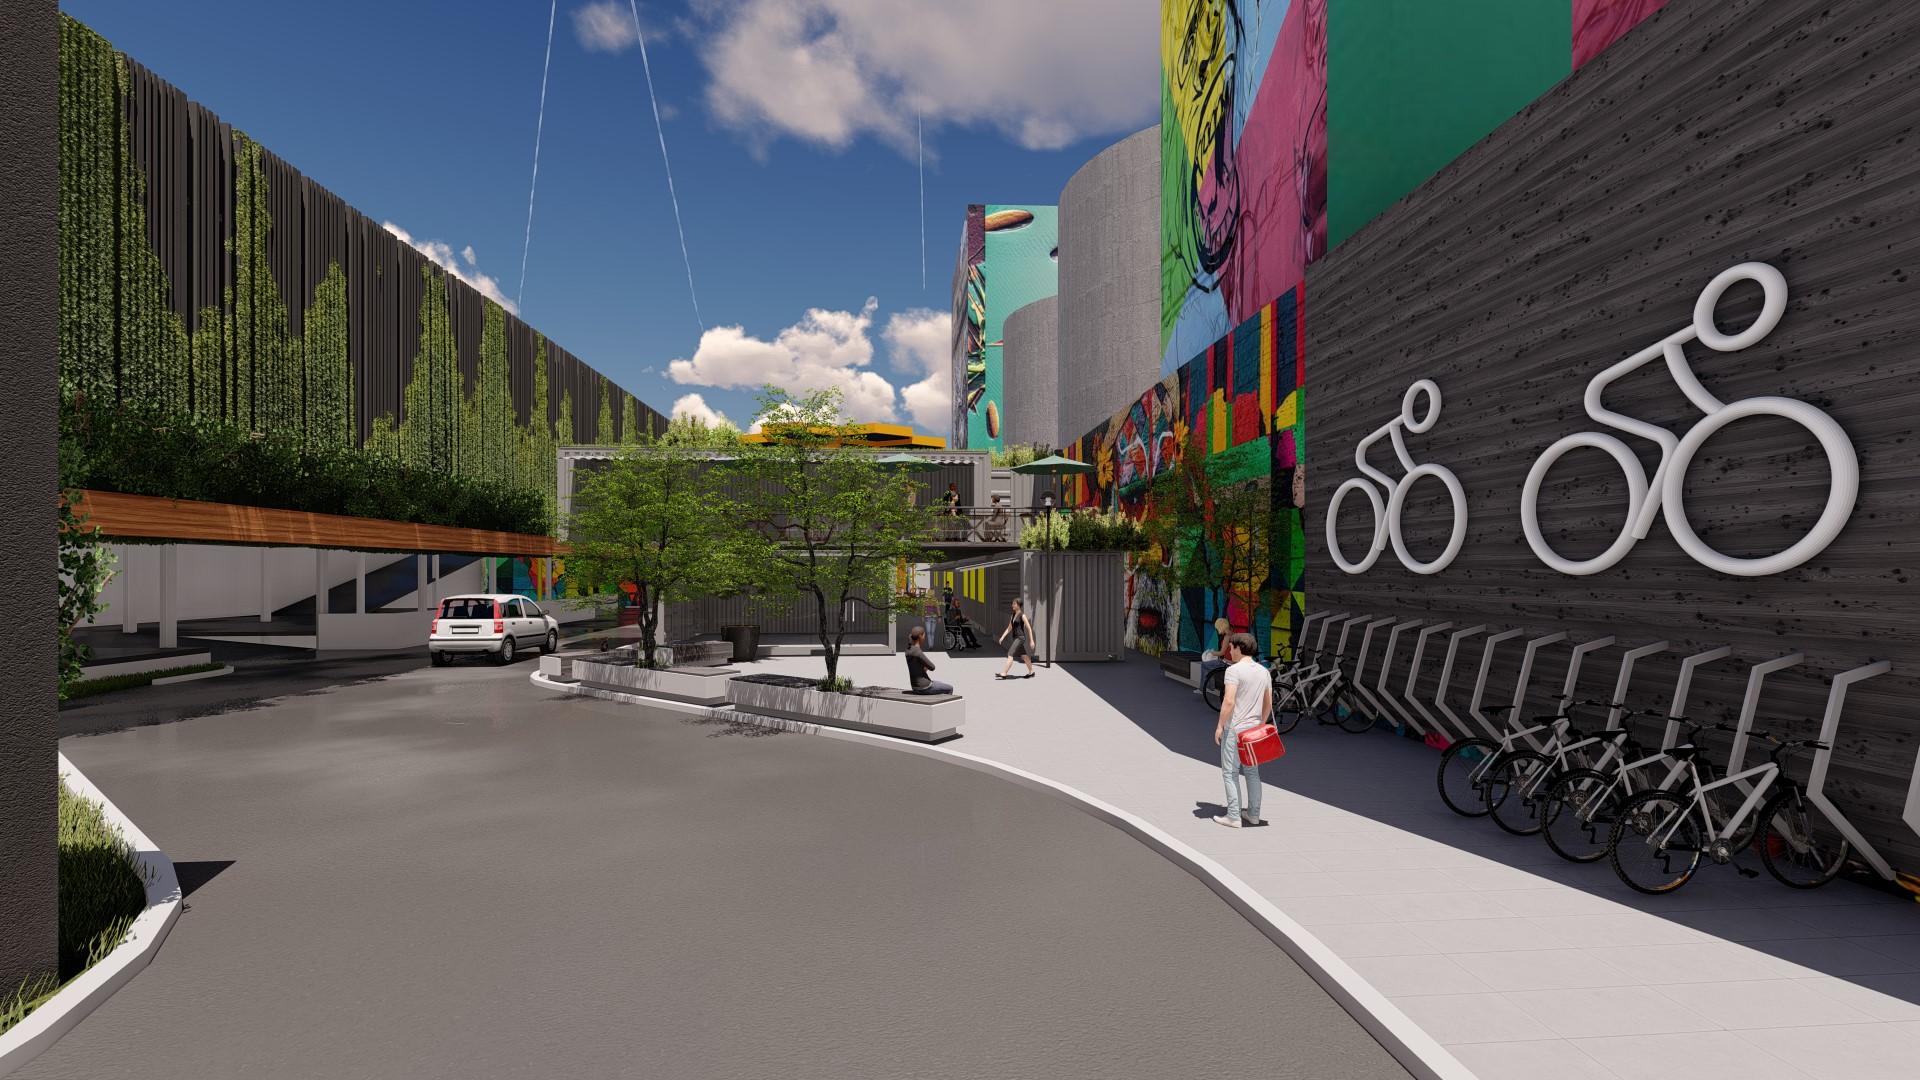 Grafite e jardins verticais compõe a decoração, que remete à cultura urbana. Foto: divugação